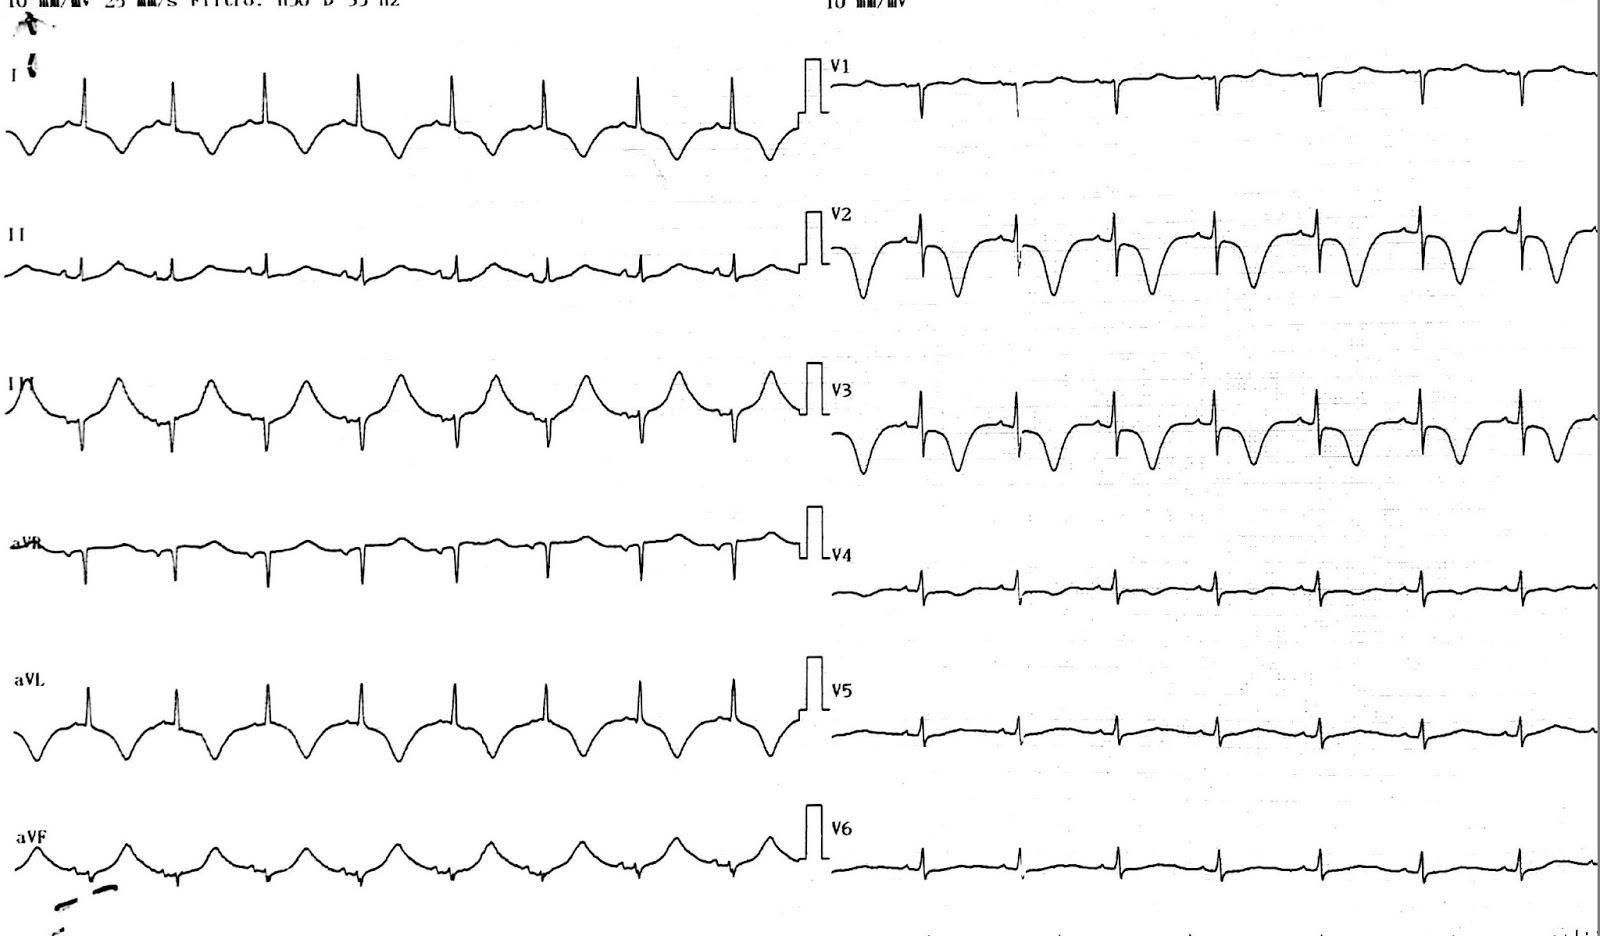 Ortosztatikus hipotenzió: okok, tünetek és kezelés - Magas vérnyomás November